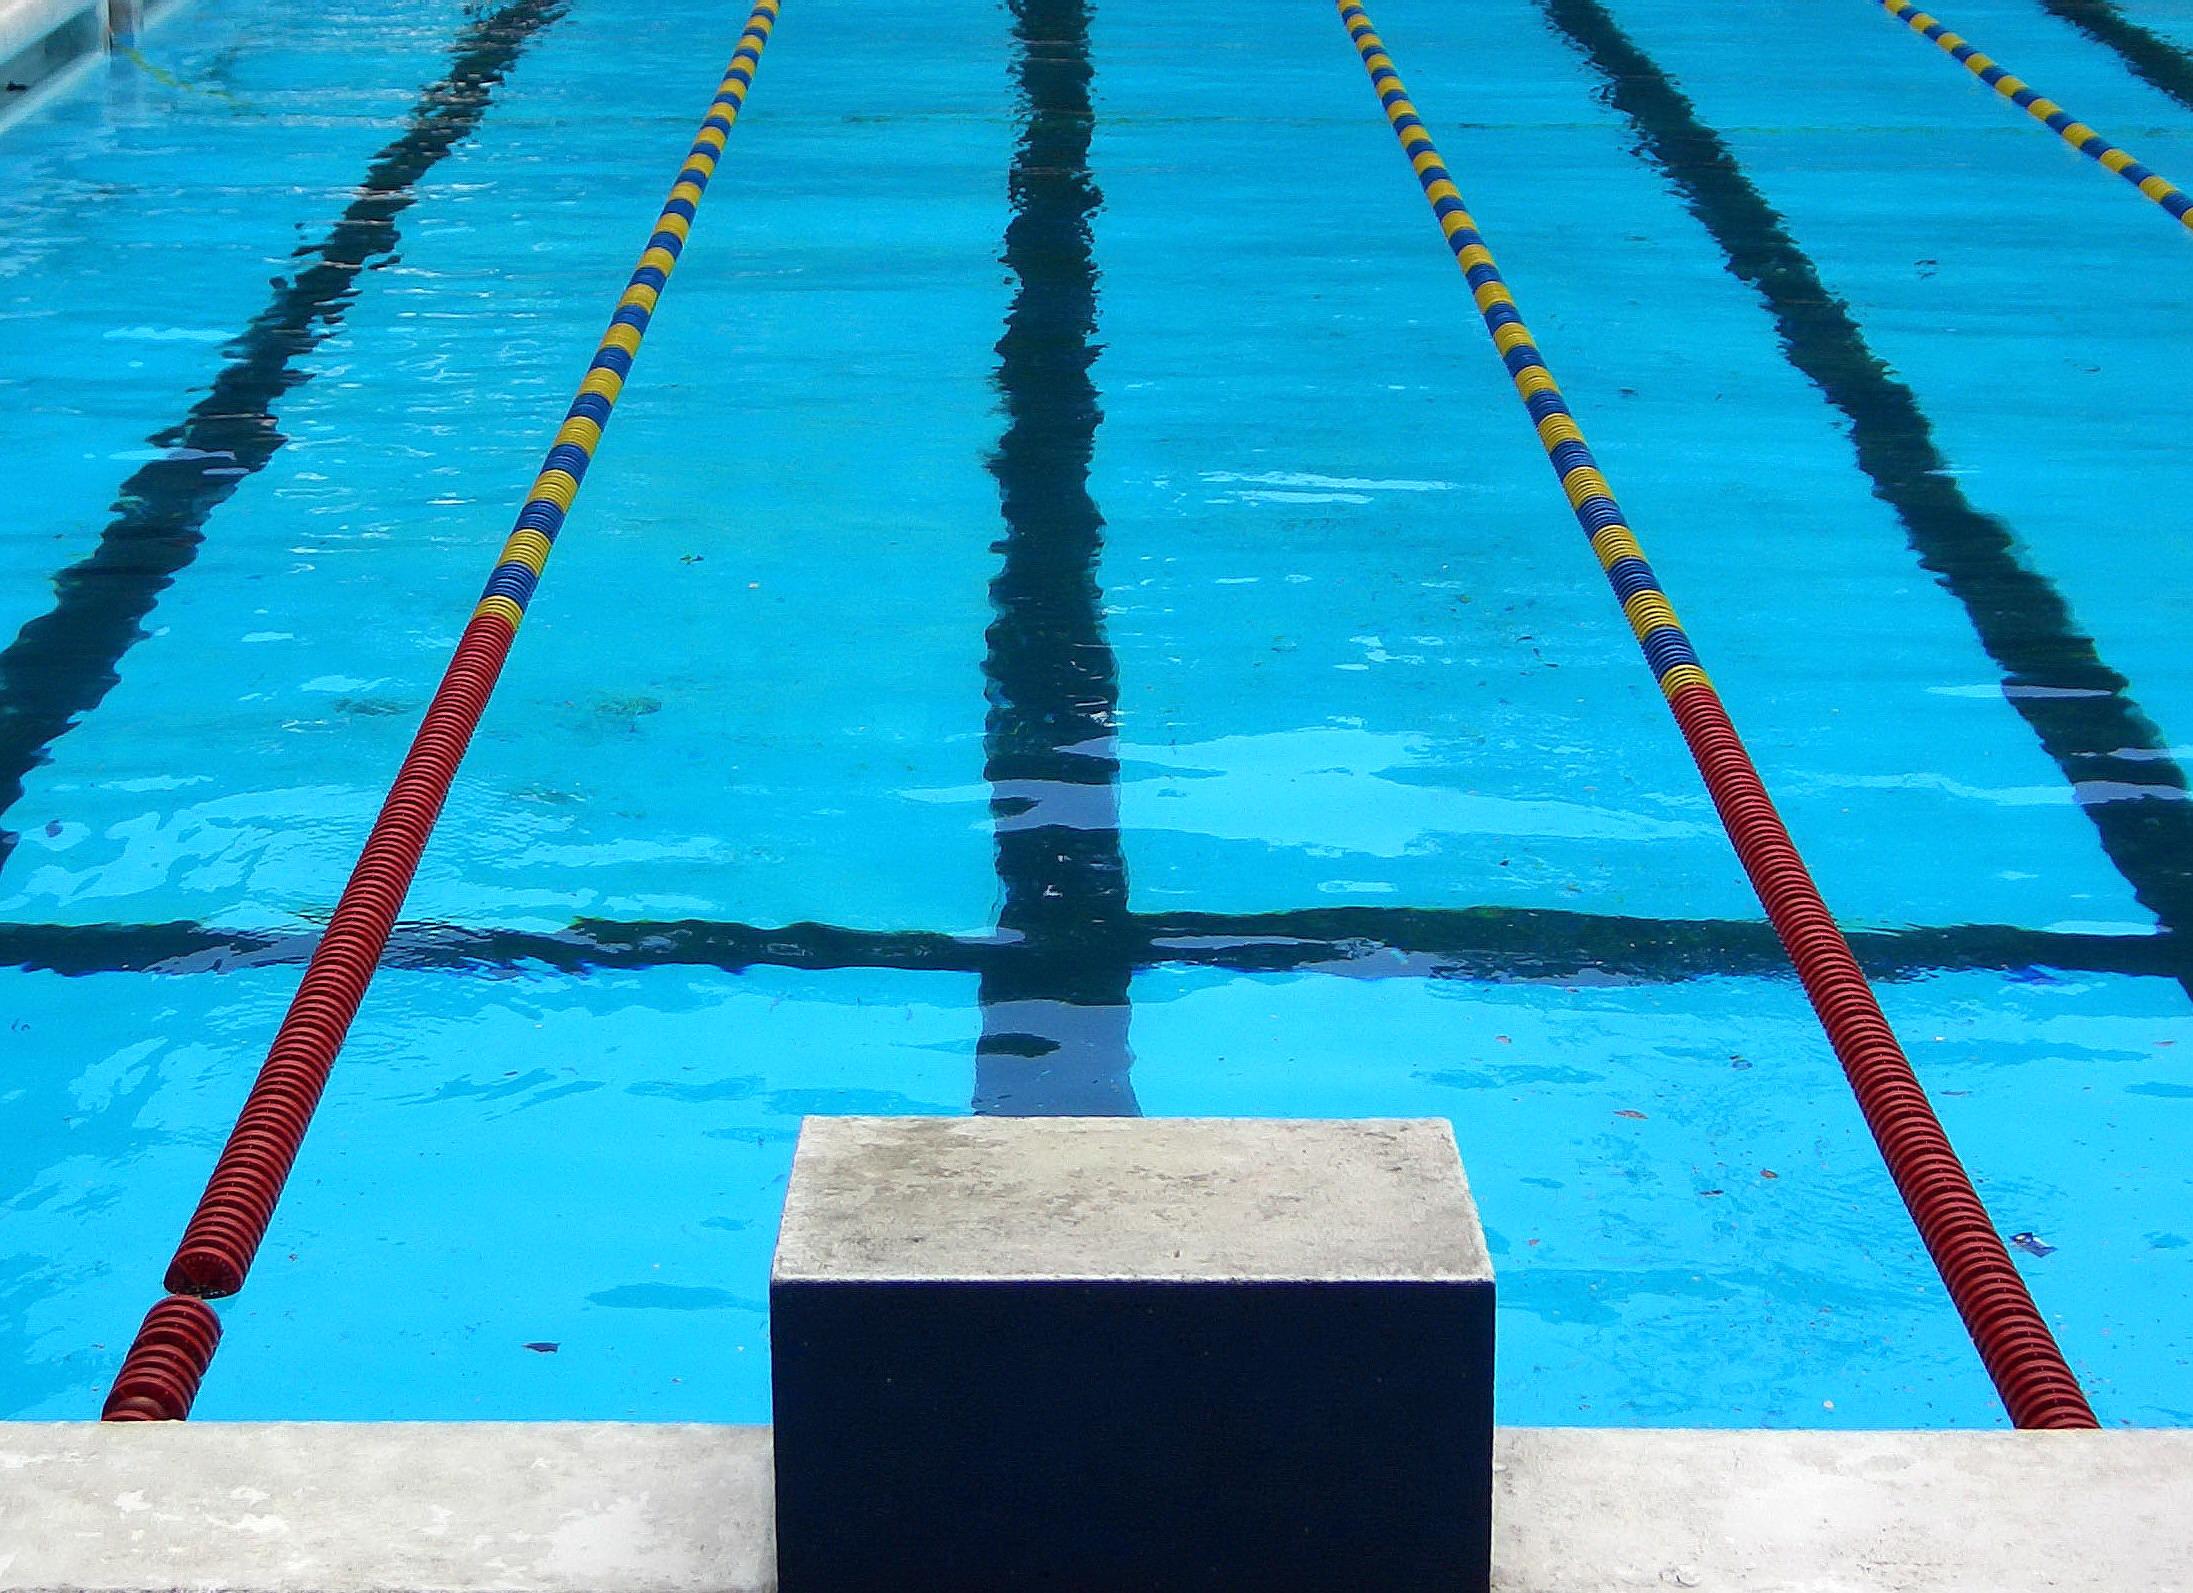 Departamento de obras y proyectos piscinas de obra - Fabricacion de piscinas ...